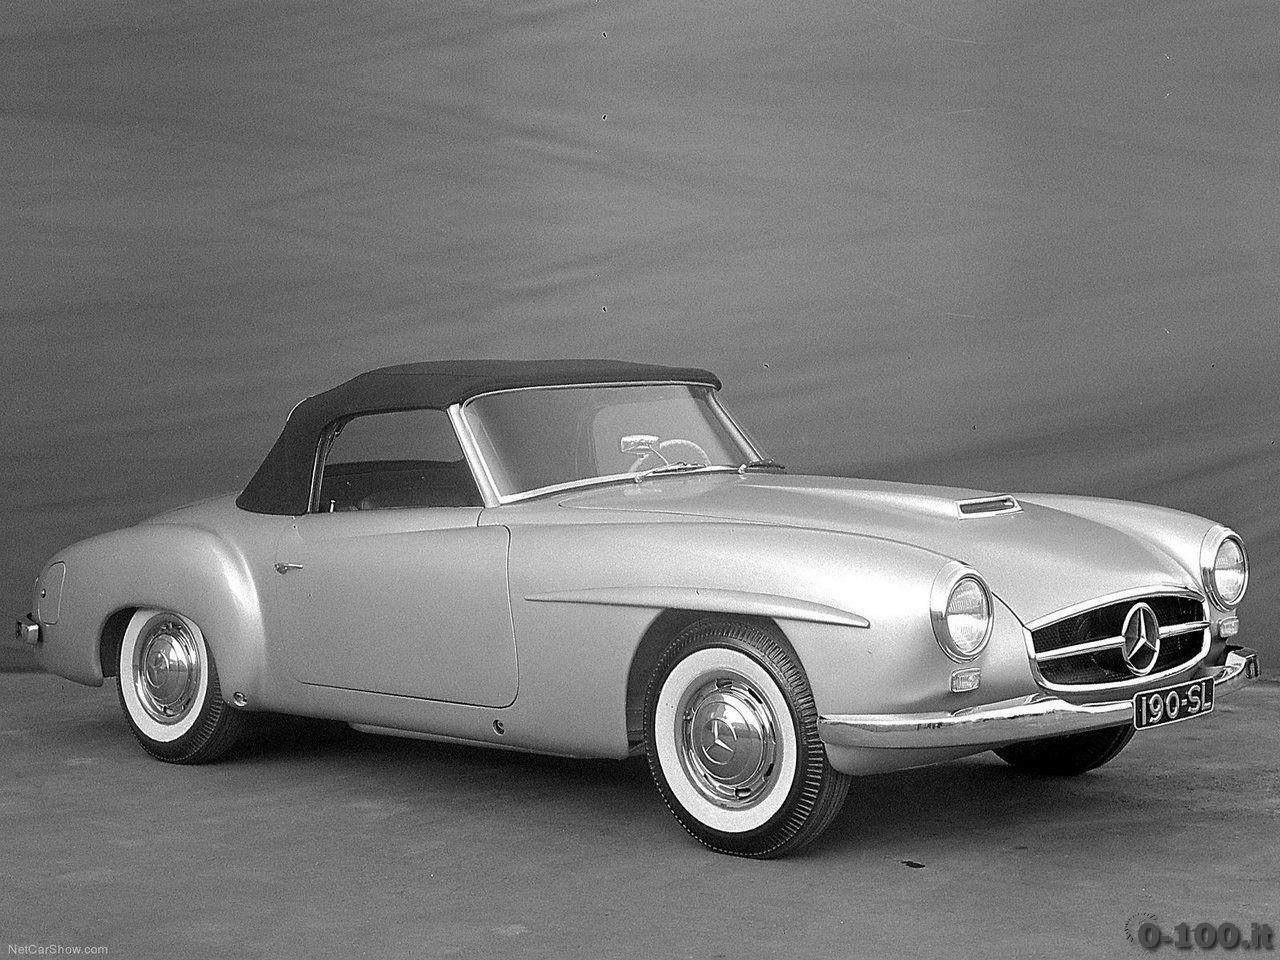 mercedes-190-sl-1955-1963-prezzo-price_0-100-5